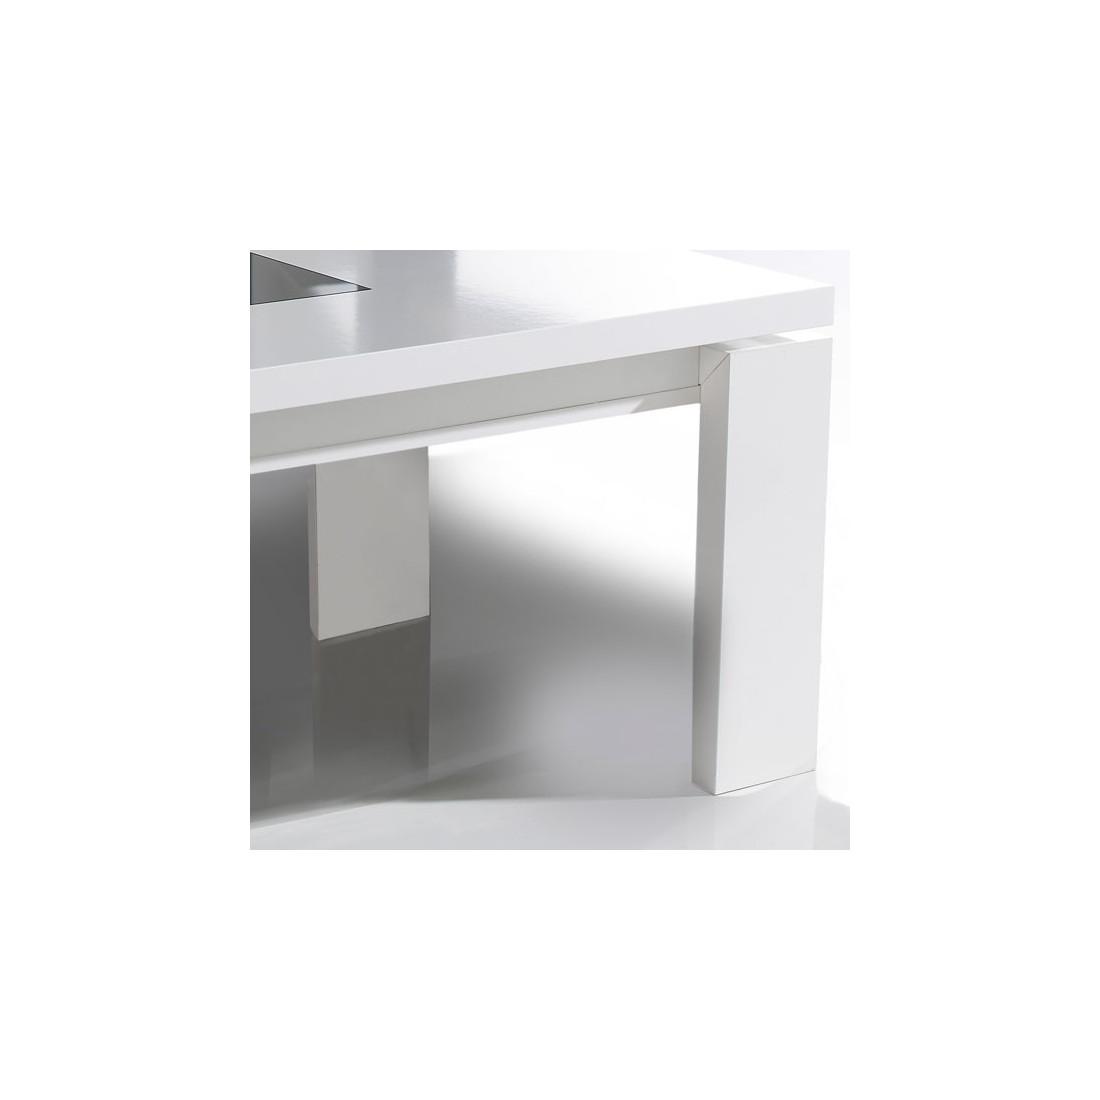 Table basse relevable blanche romie univers du salon - Table basse blanche relevable ...